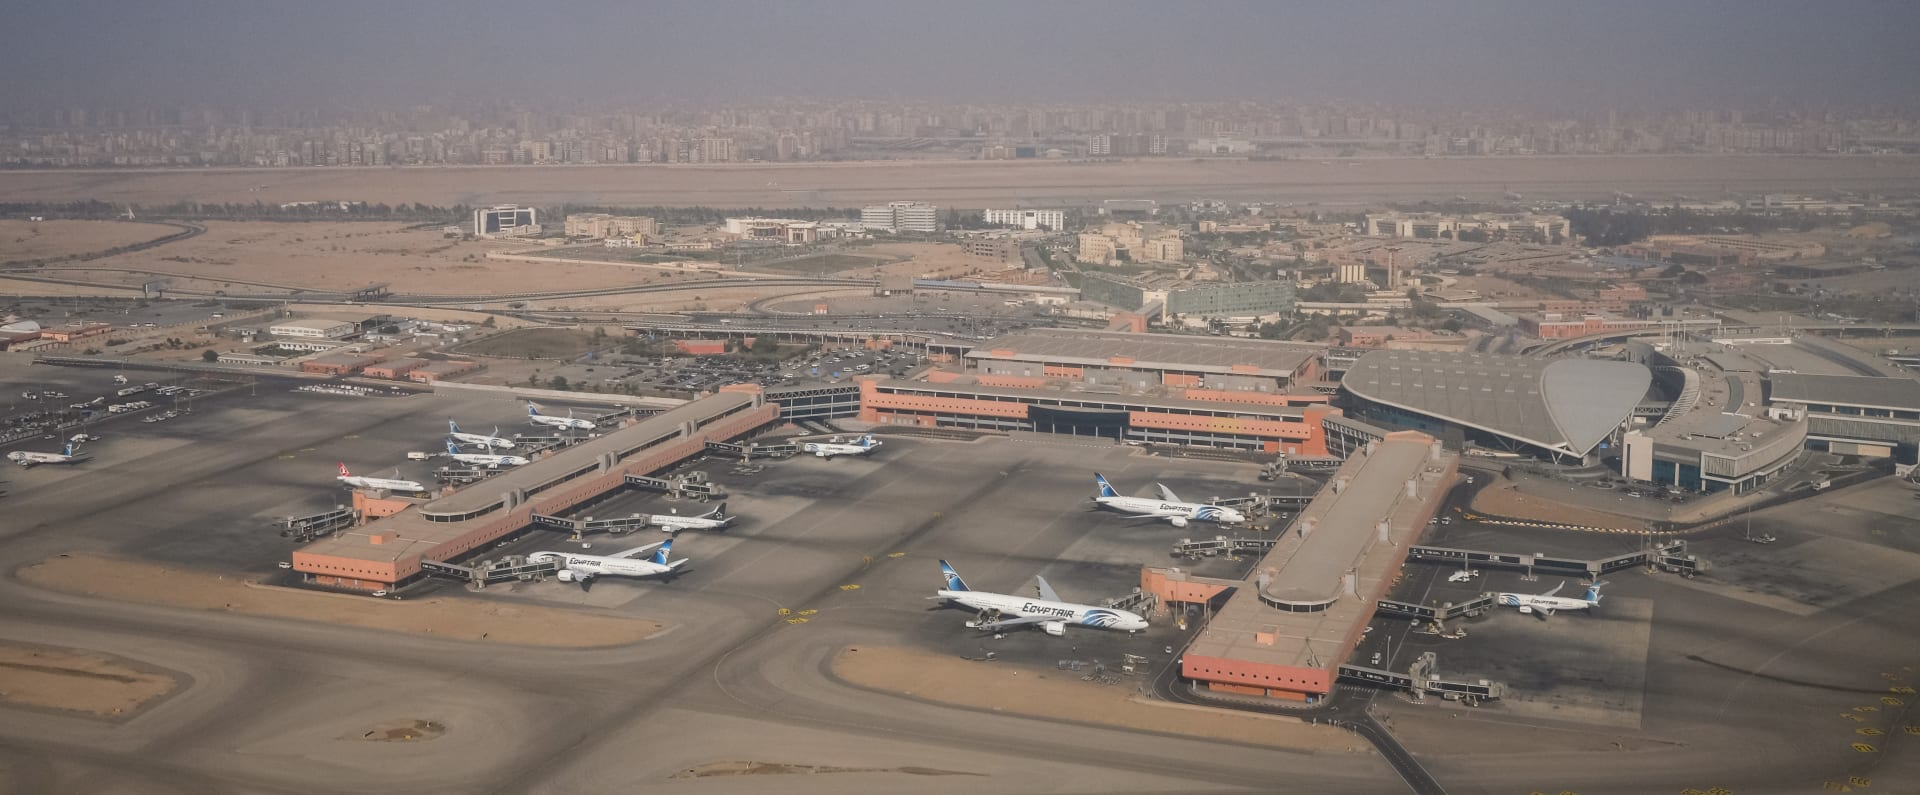 صورة أرشيفية جوية لمطار القاهرة الدولي